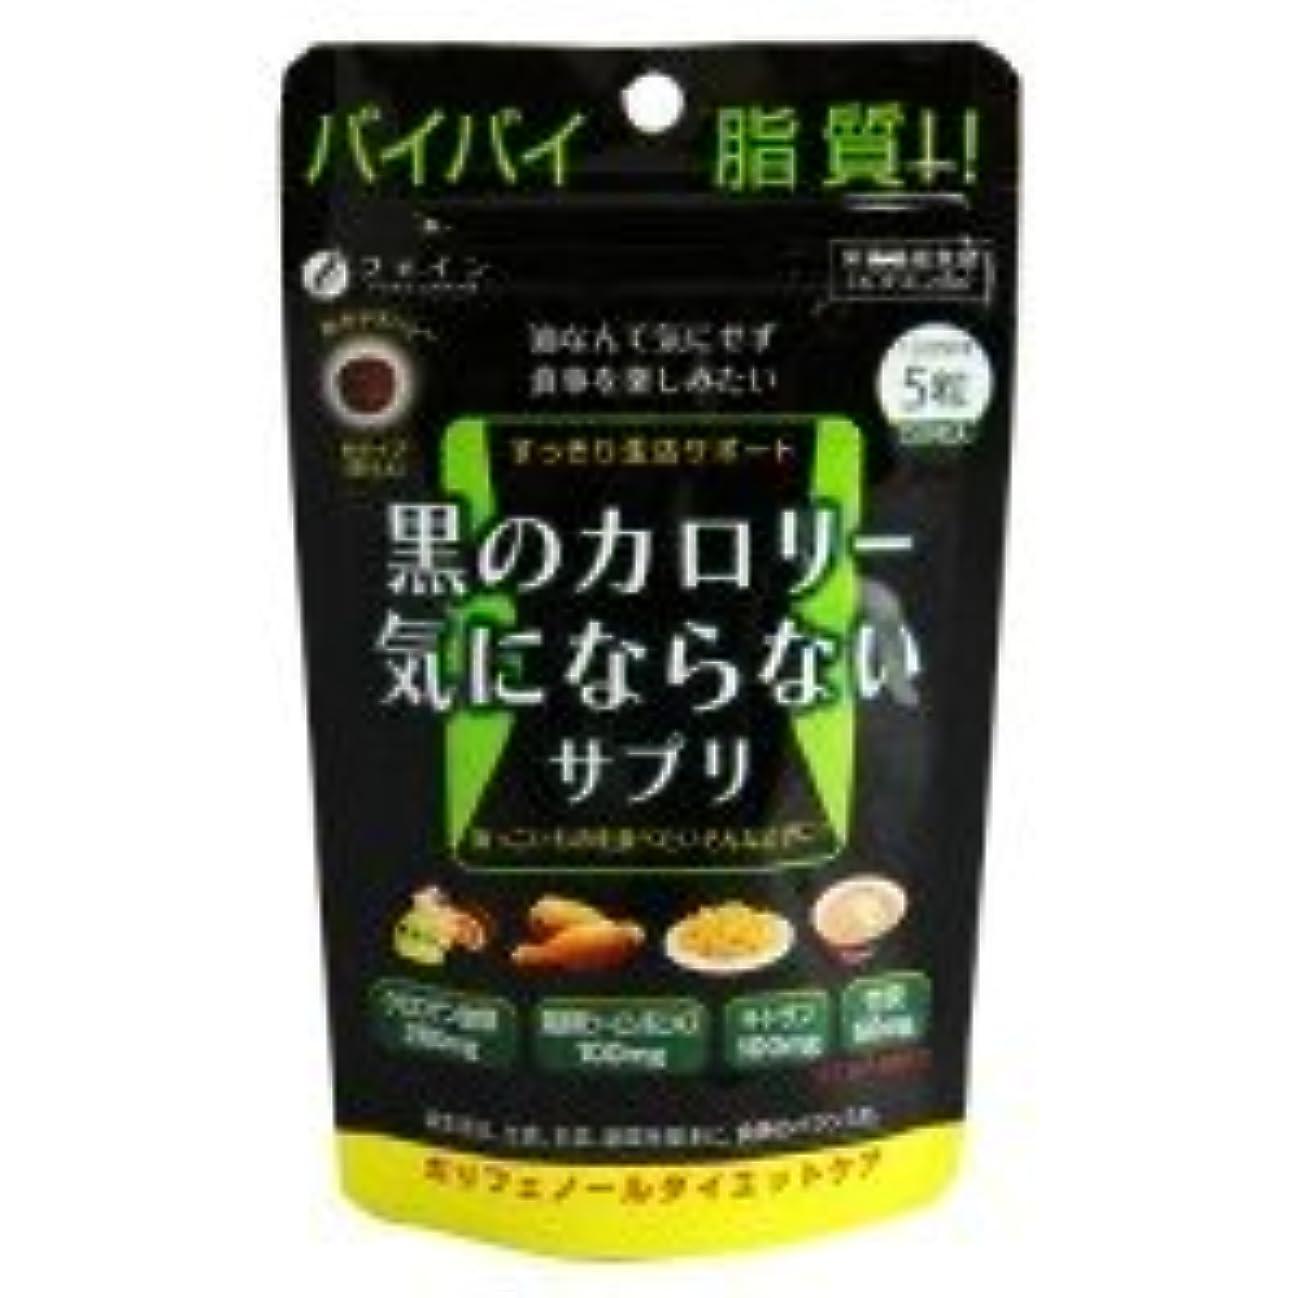 特別に勧める砲撃ファイン 黒のカロリー気にならない 栄養機能食品(ビタミンB6) 30g(200mg×150粒)